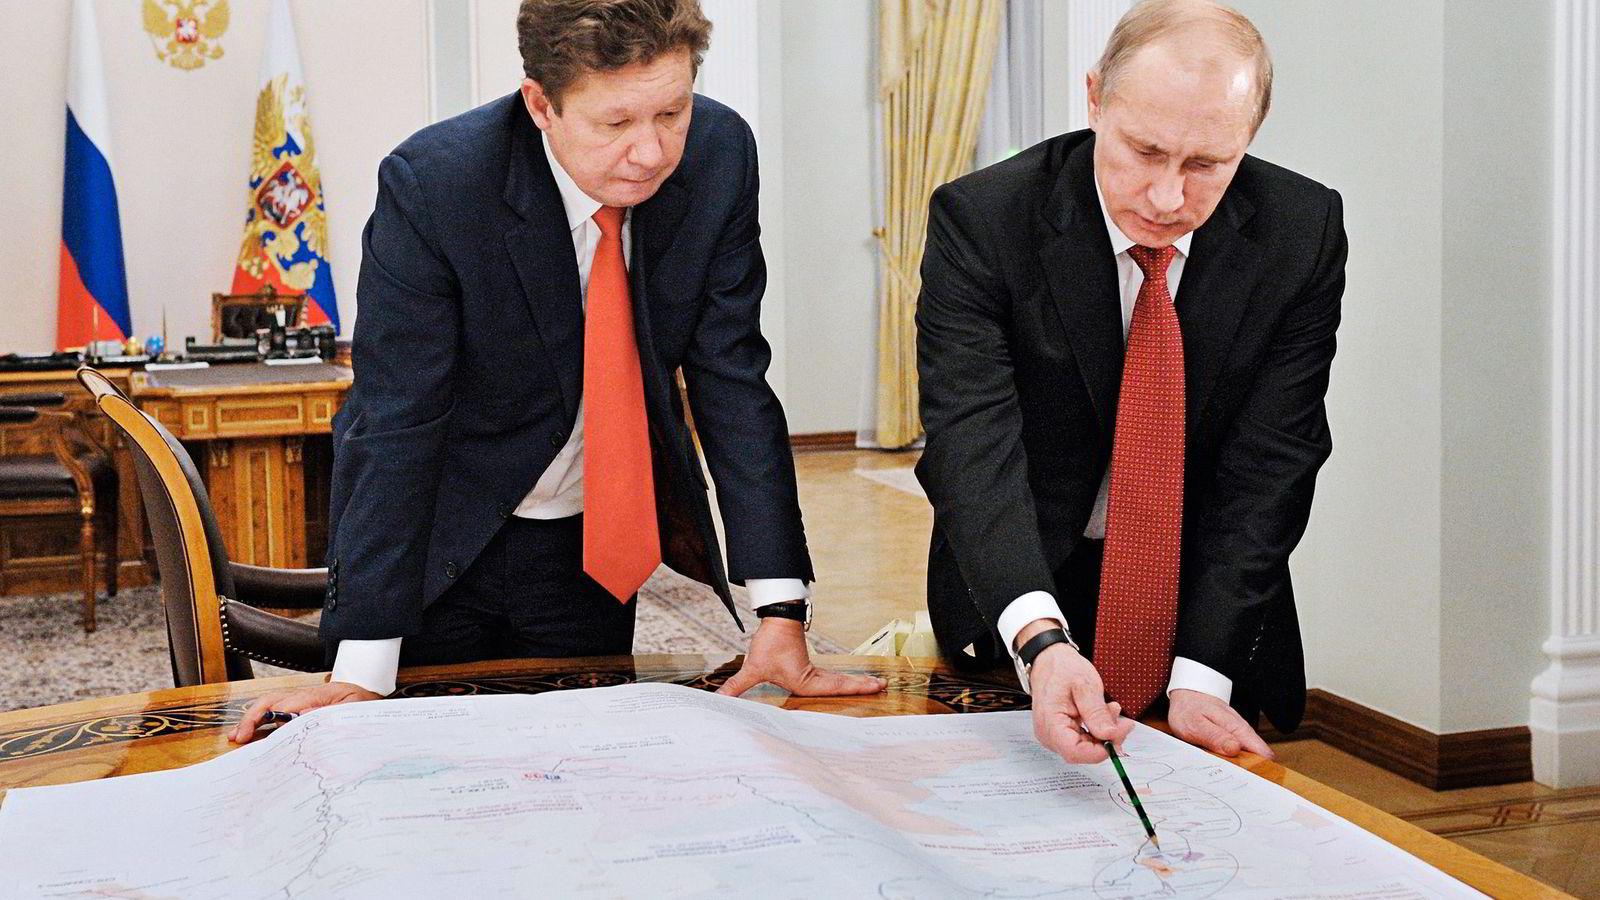 Den russiske presidenten Vladimir Putin (til høyre) har mer enn en gang pålagt Gazprom-konsernsjef Alexej Miller å løpe utenrikspolitiske ærend. Foto: Ria Novosti, Reuters/NTB Scanpix